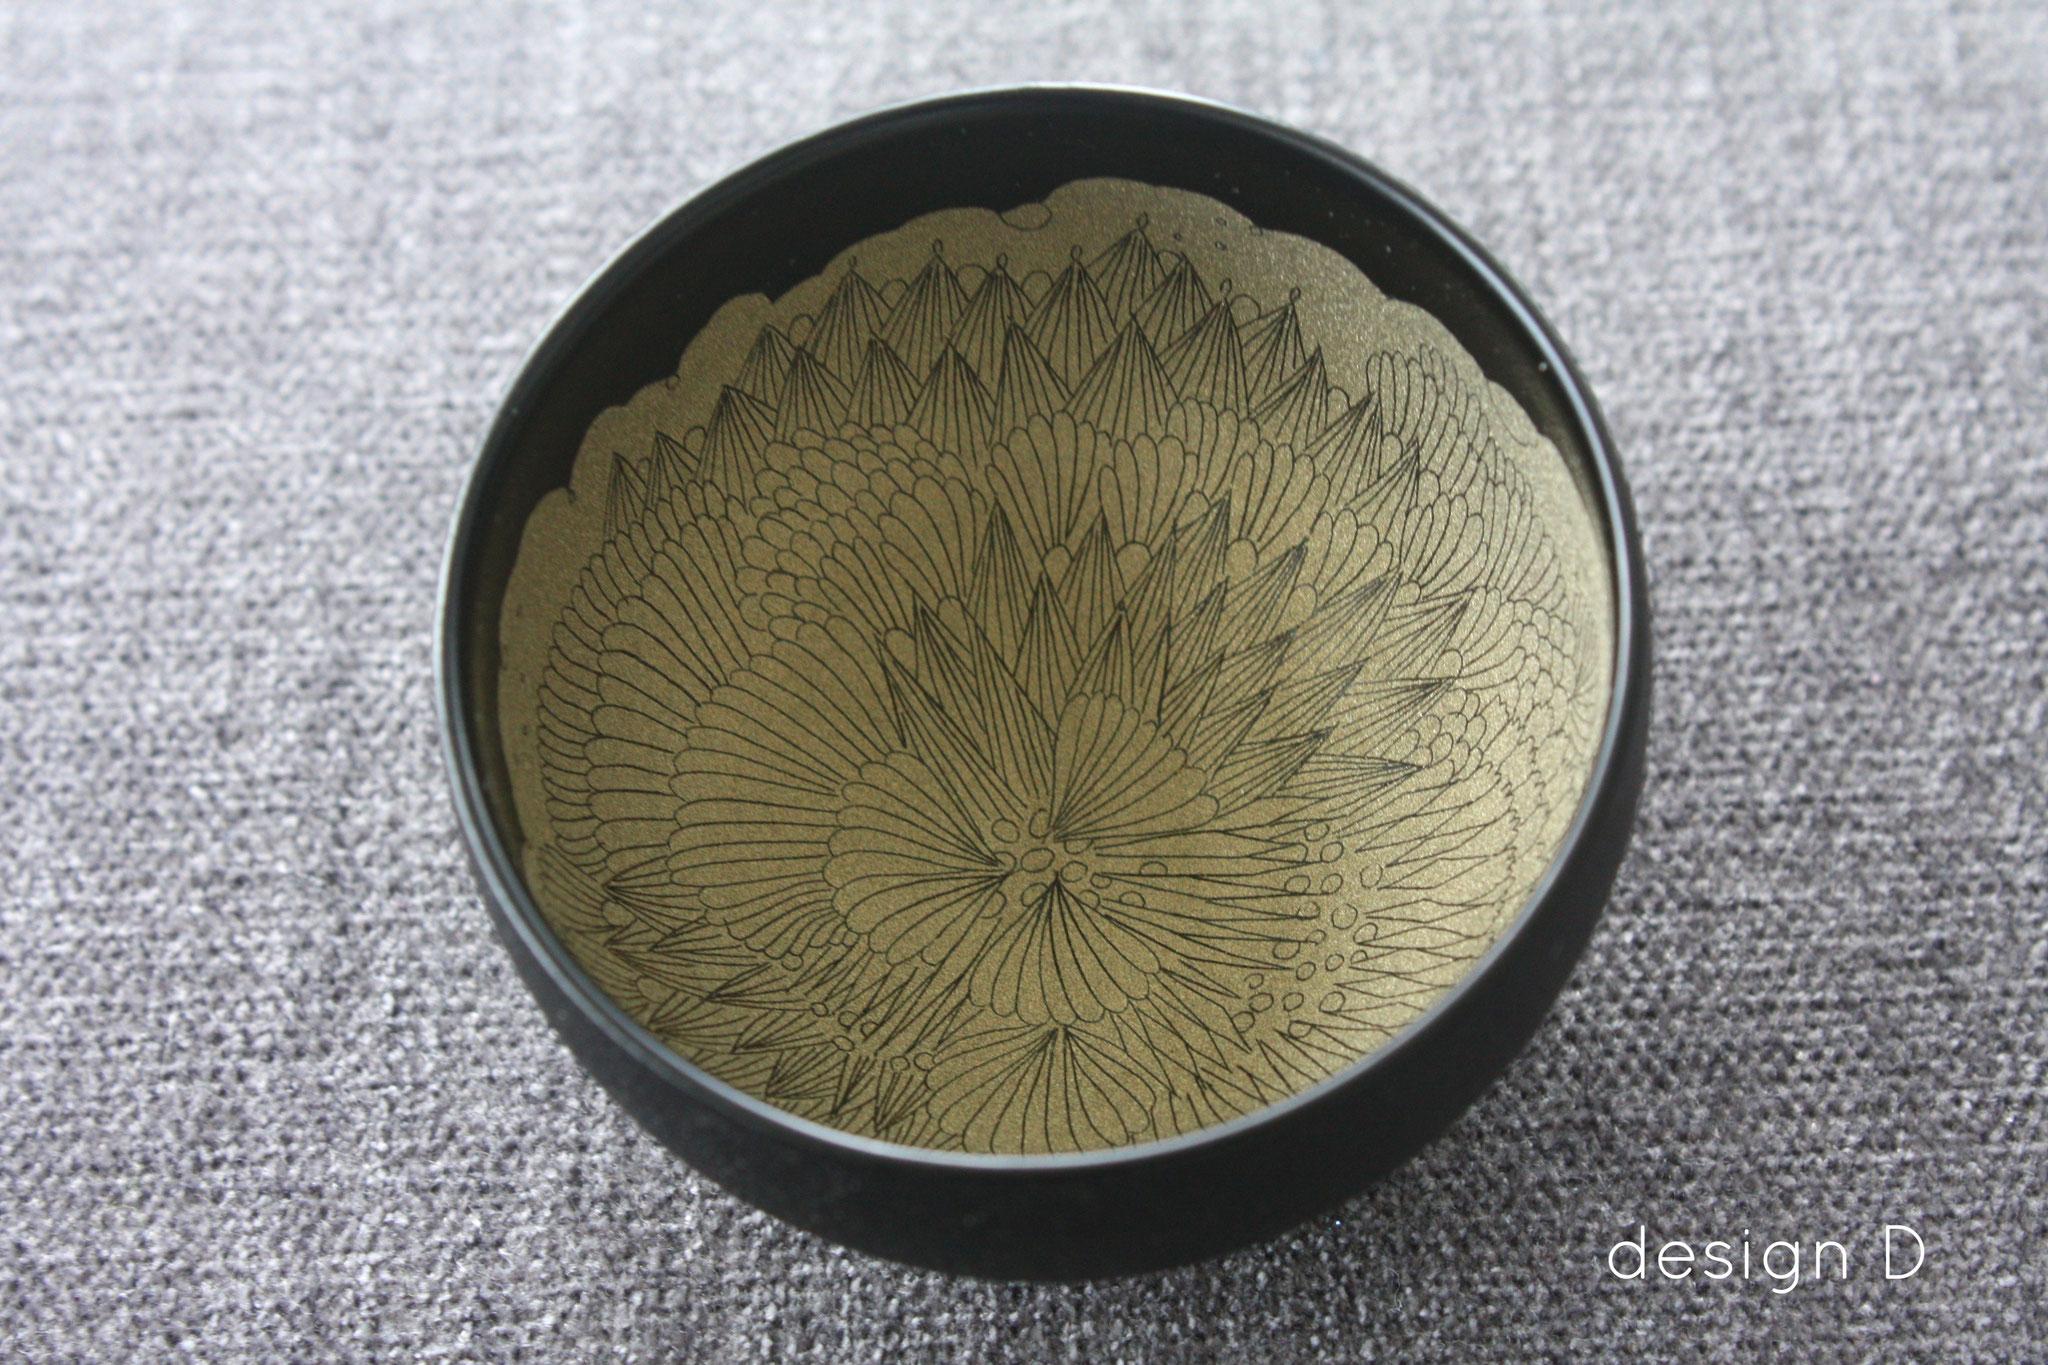 """Sake cup """"flower bud"""" design D"""